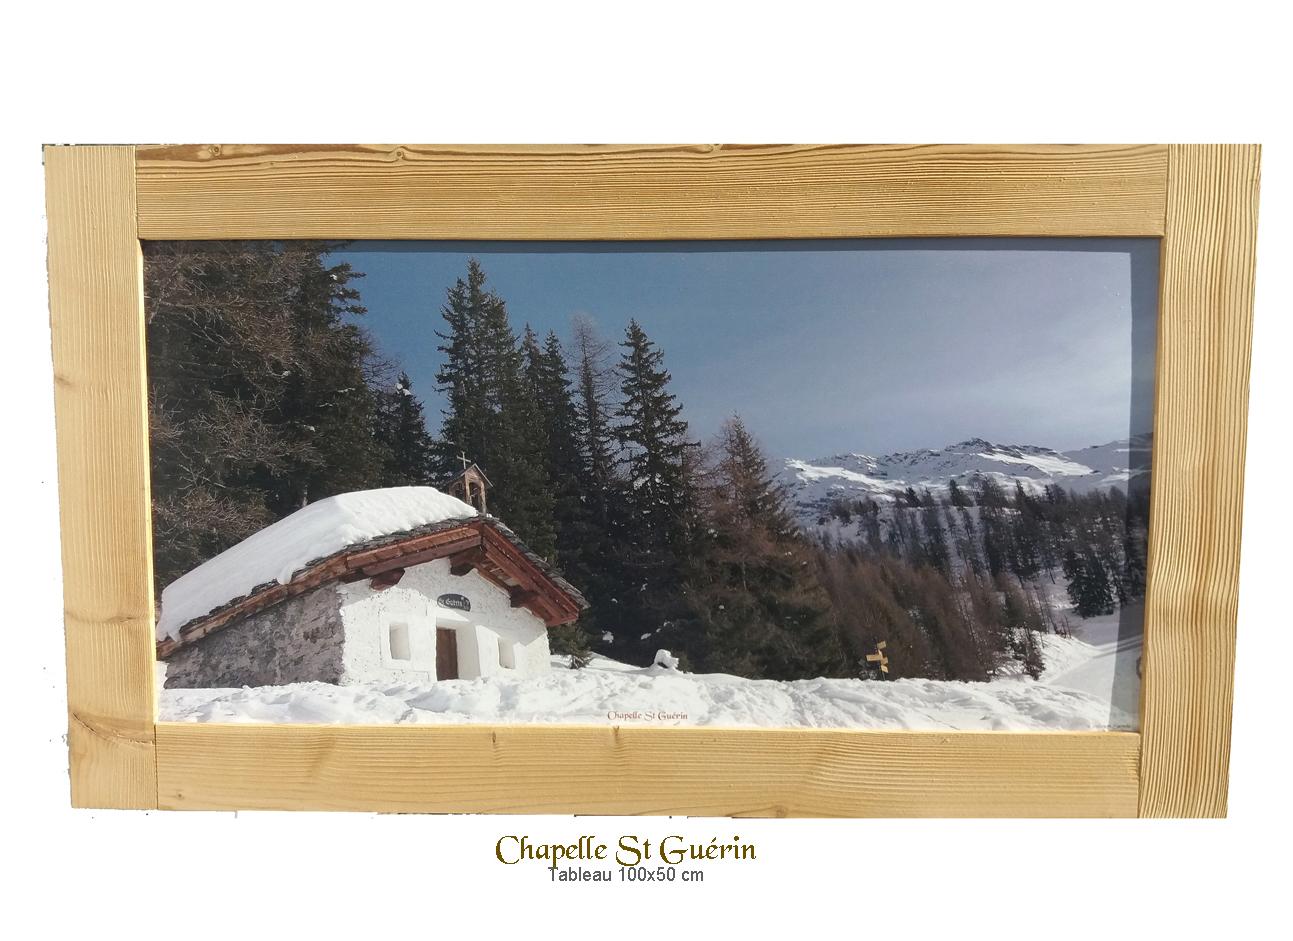 Tableau-chapelle-st-guerin-100x50cm-couleurssavoie